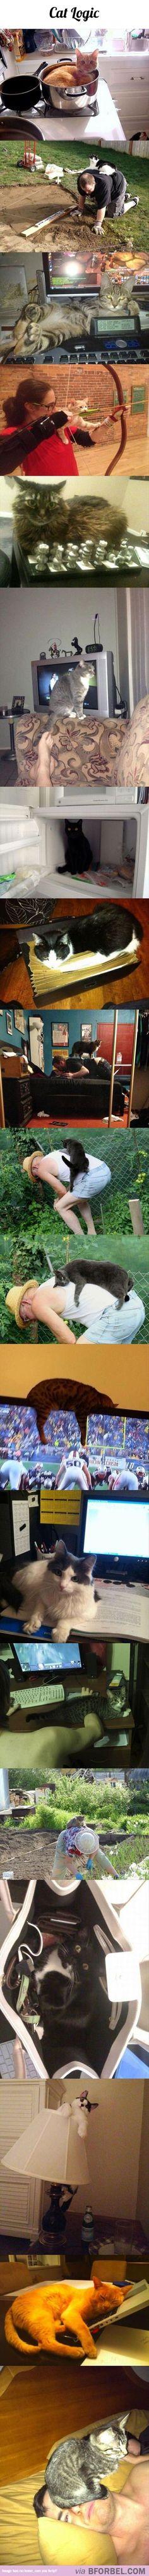 Katzen schlafen ÜBERALL!